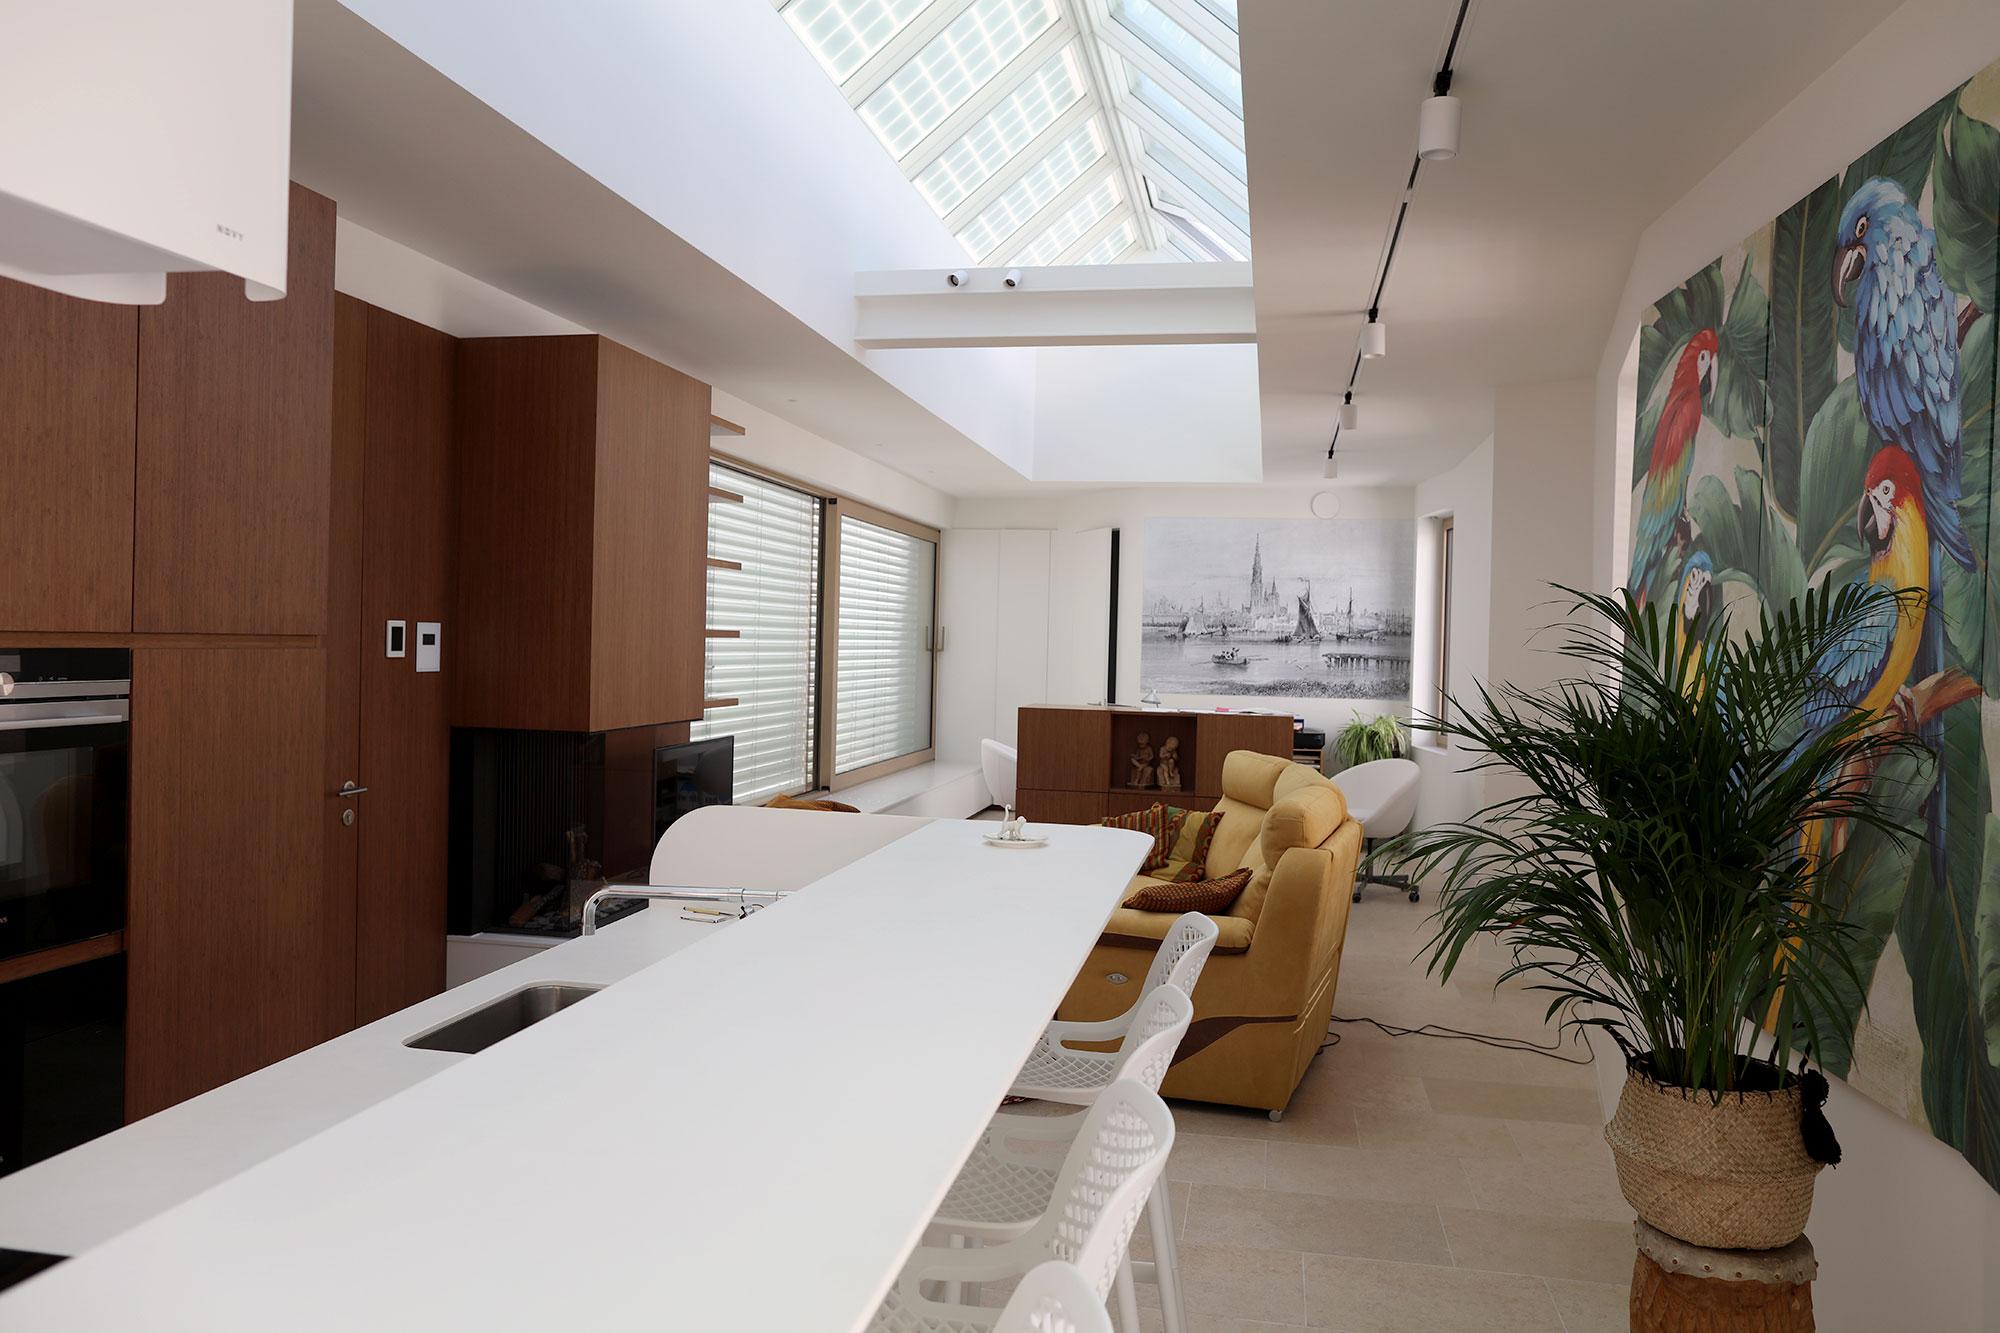 Interieur van de gerenoveerde woonkamer, voorzien van een lange lichtstraat geplaatst in het dak. Op maat gemaakt interieur ontworpen door AAA.